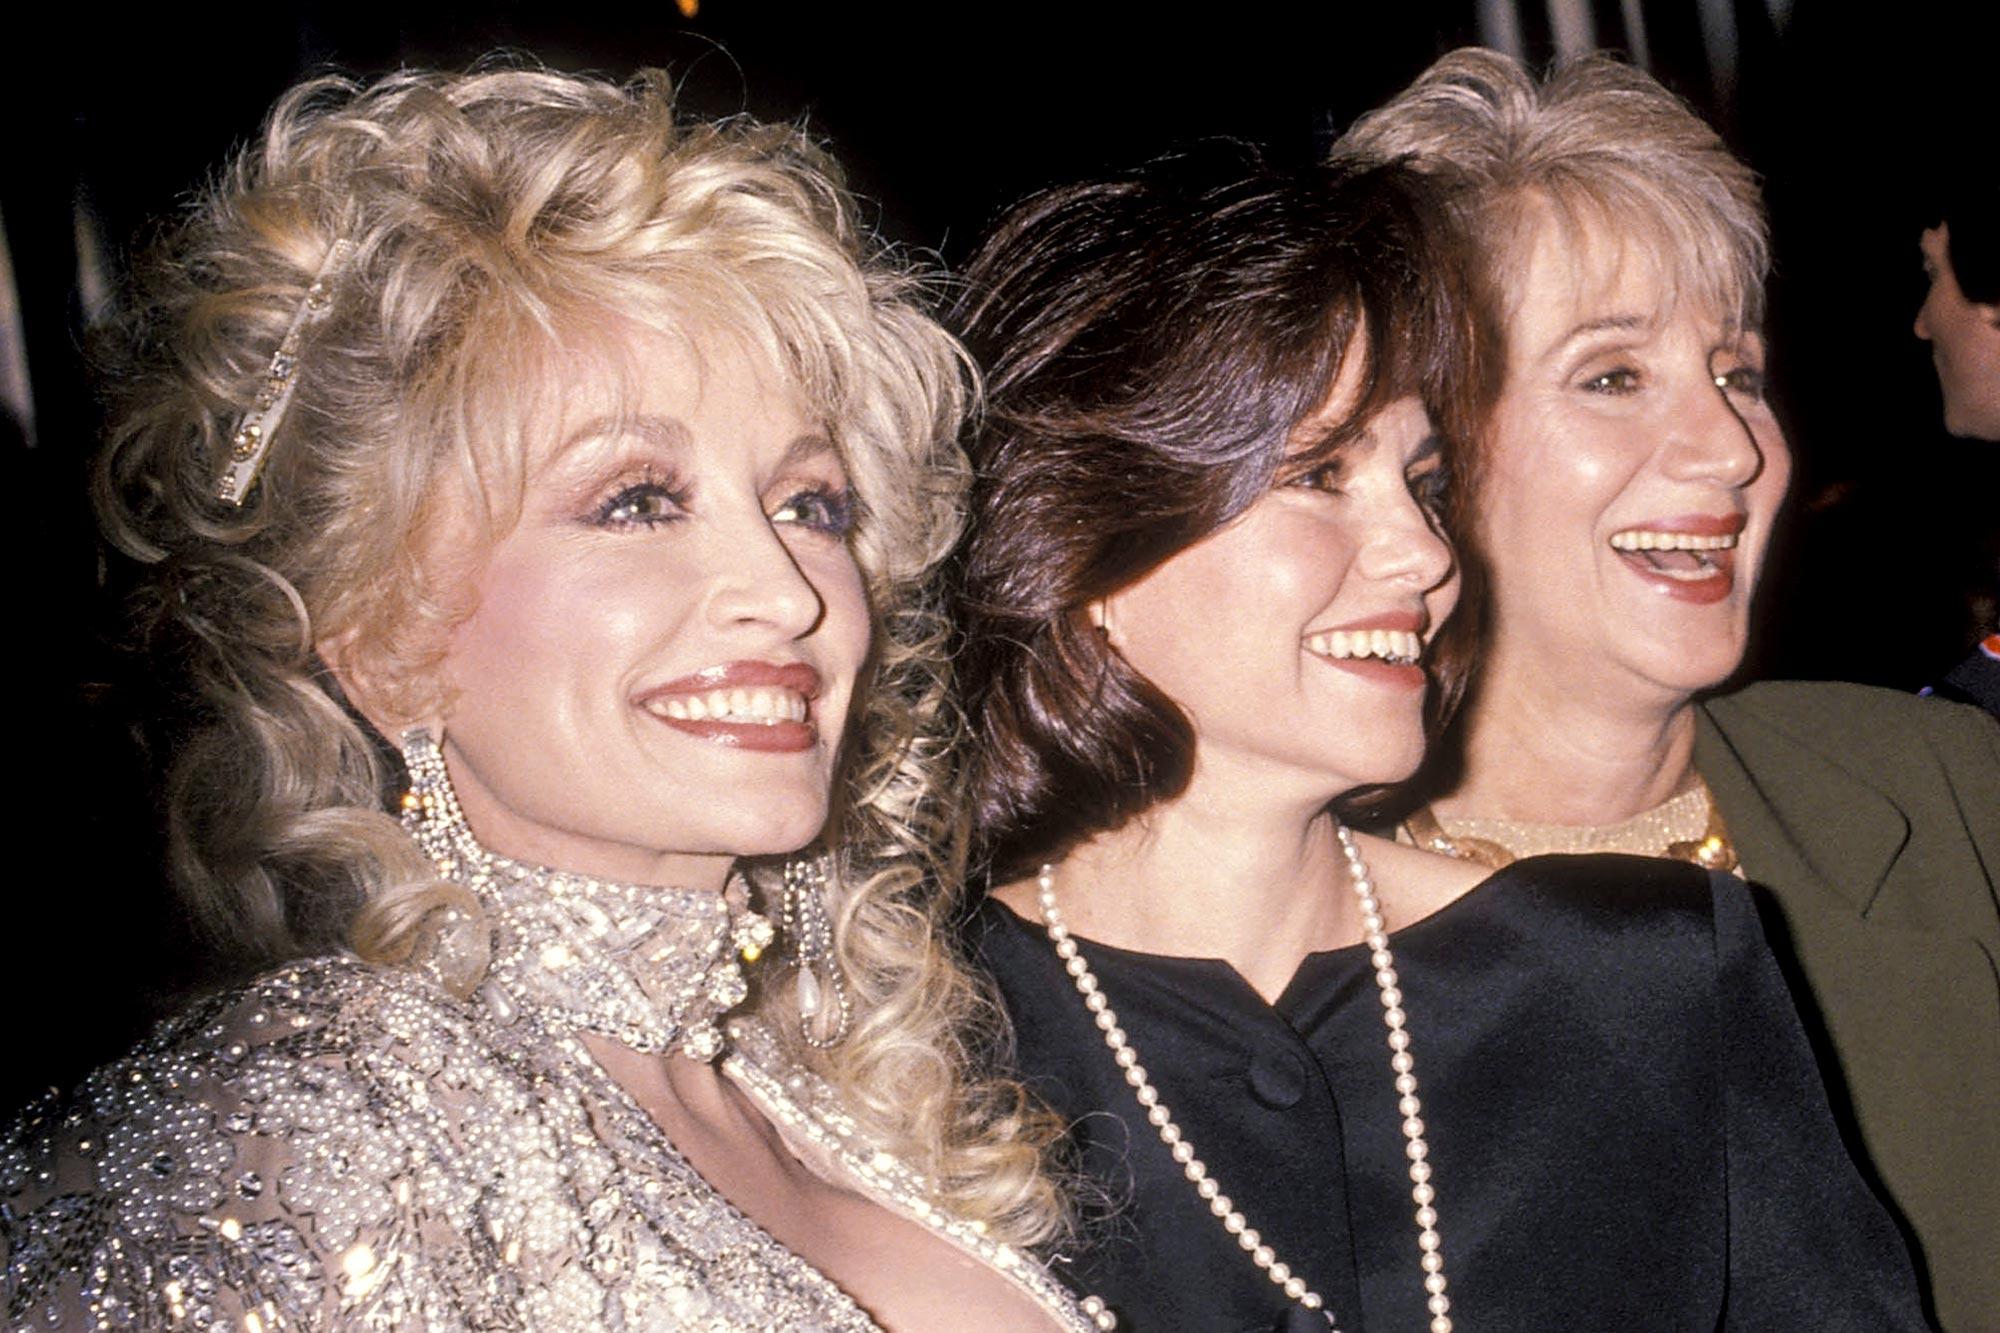 Dolly Parton, actress Sally Field, actress Olympia Dukakis